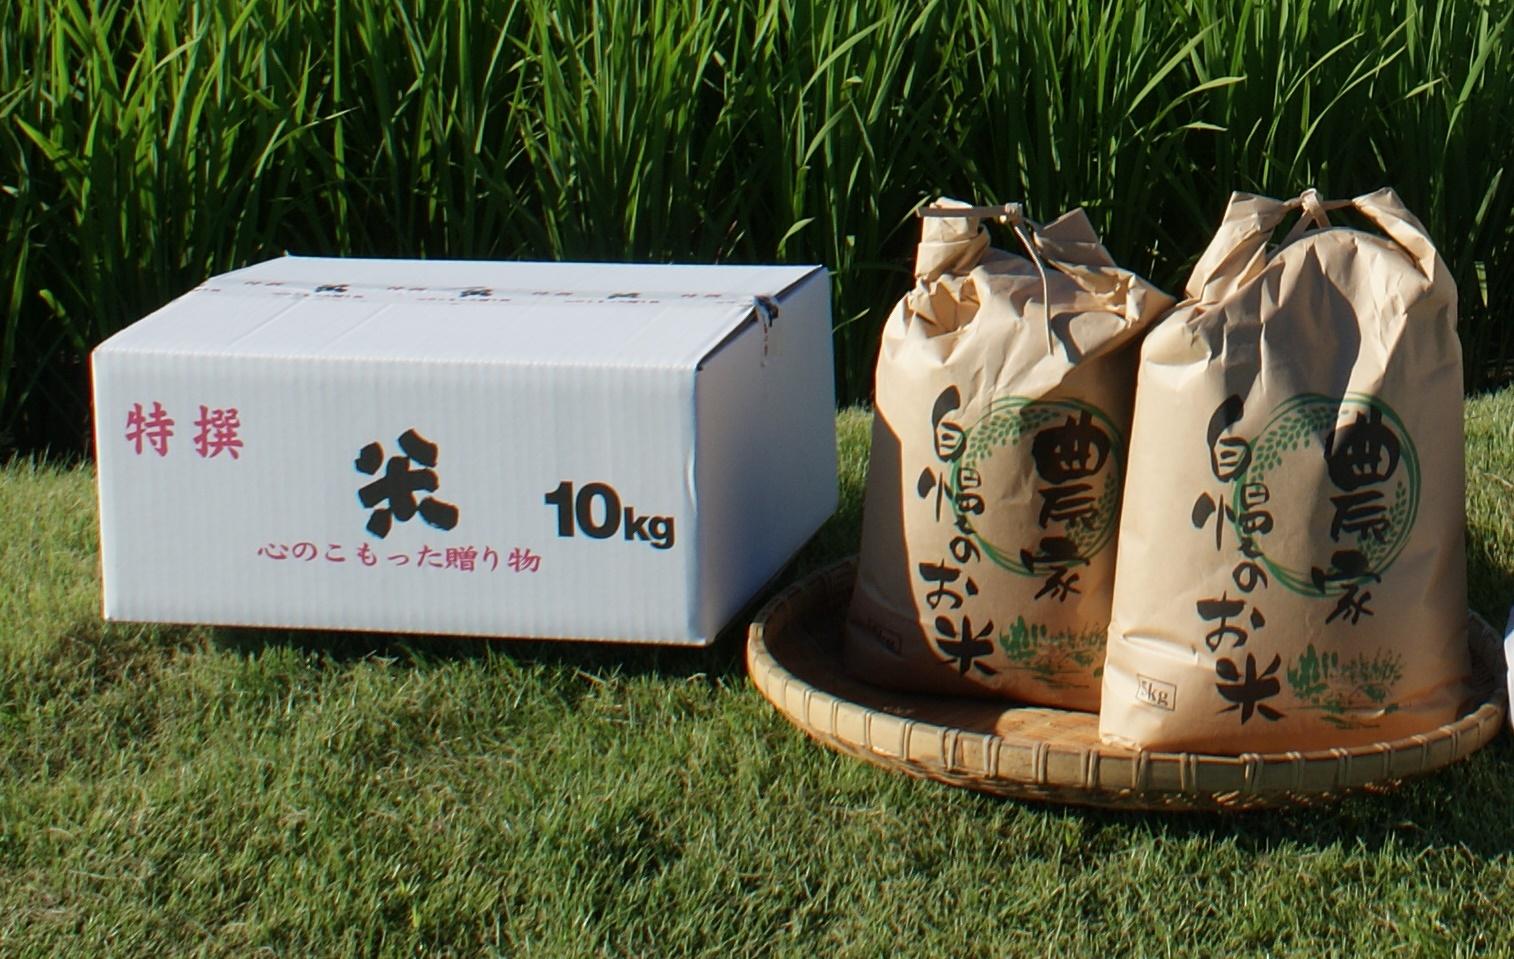 017-001 令和元年度産新米 こだわりの有機栽培レンゲ米「ヒノヒカリ」10kg(白米)